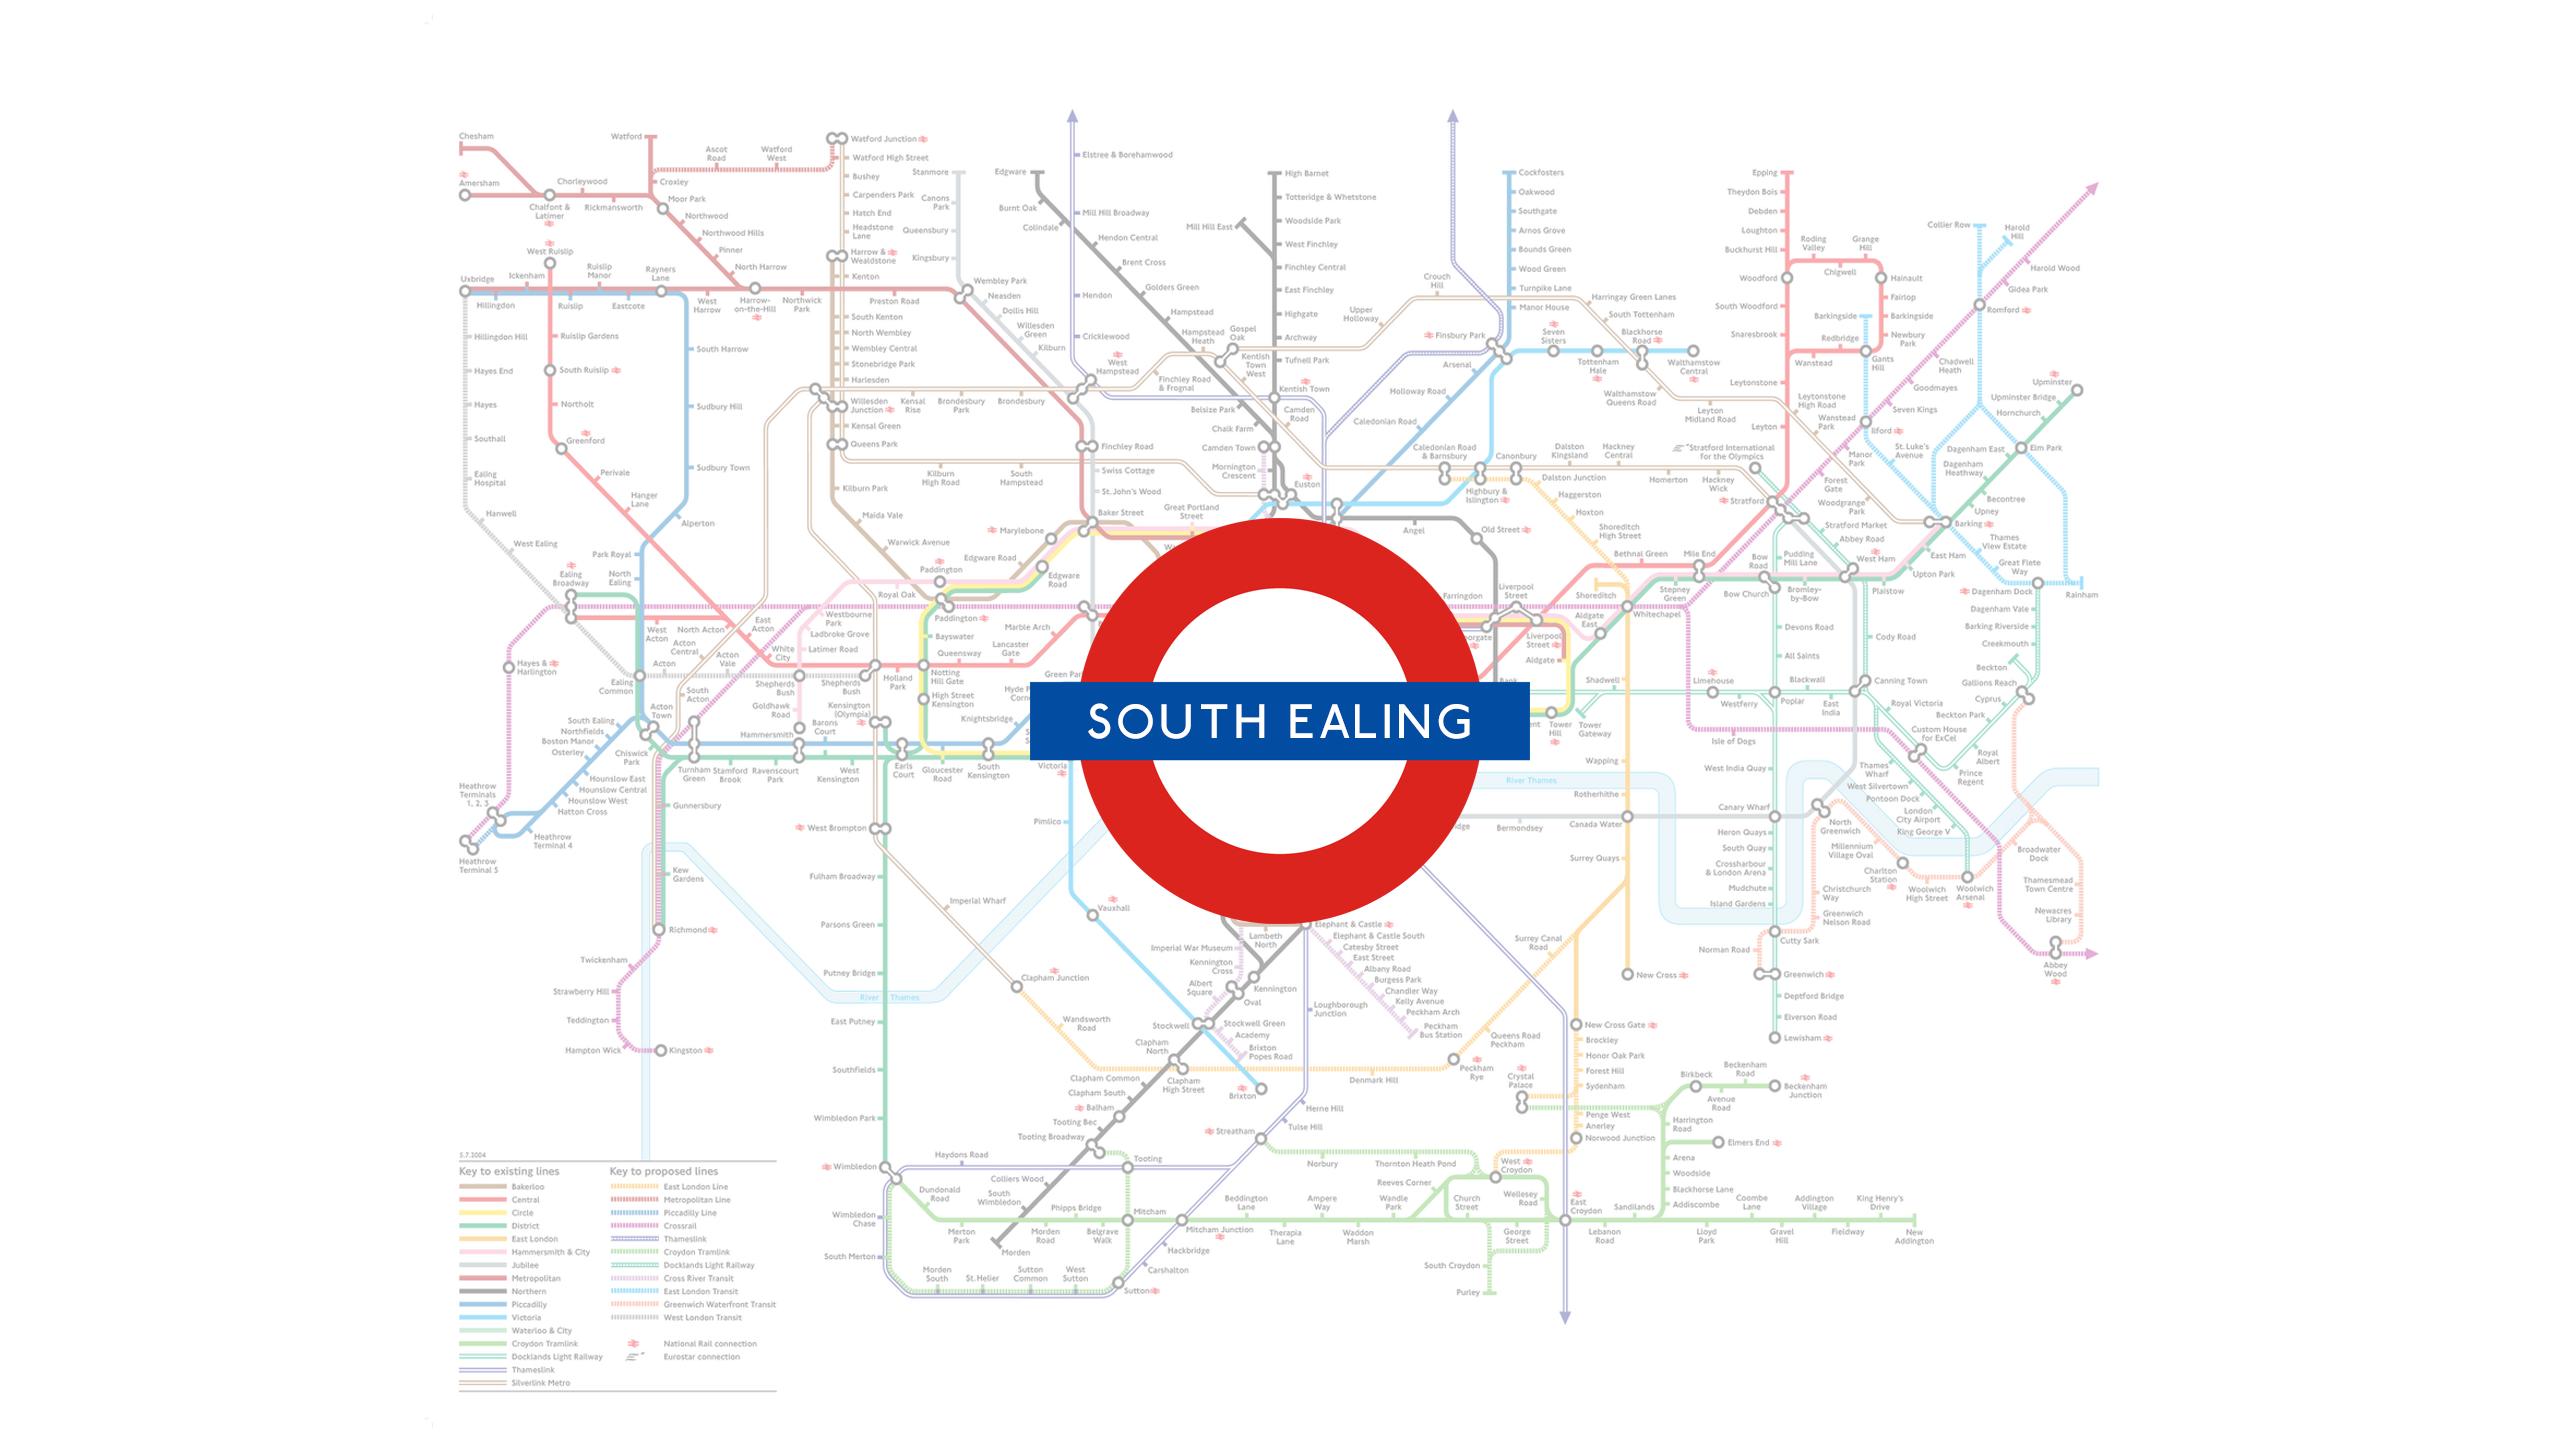 South Ealing (Map)